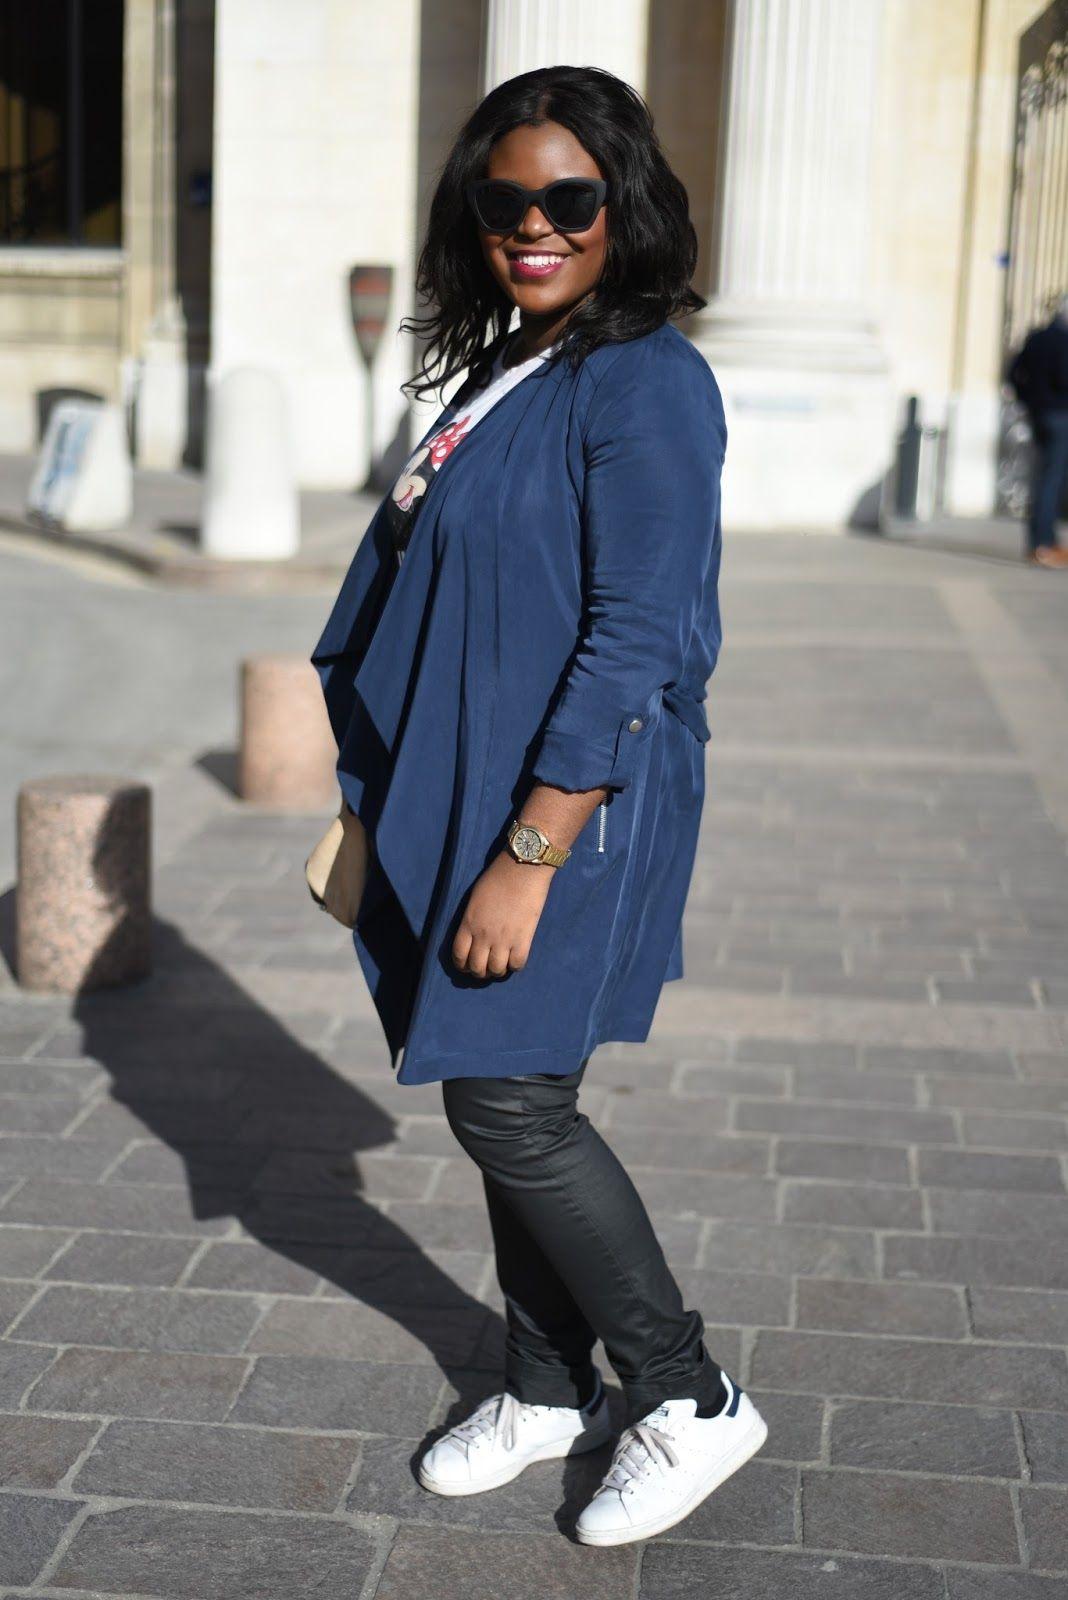 Les Grain Veste De Femme Mama's Blogueuses Malice Paris n4wRYwq5